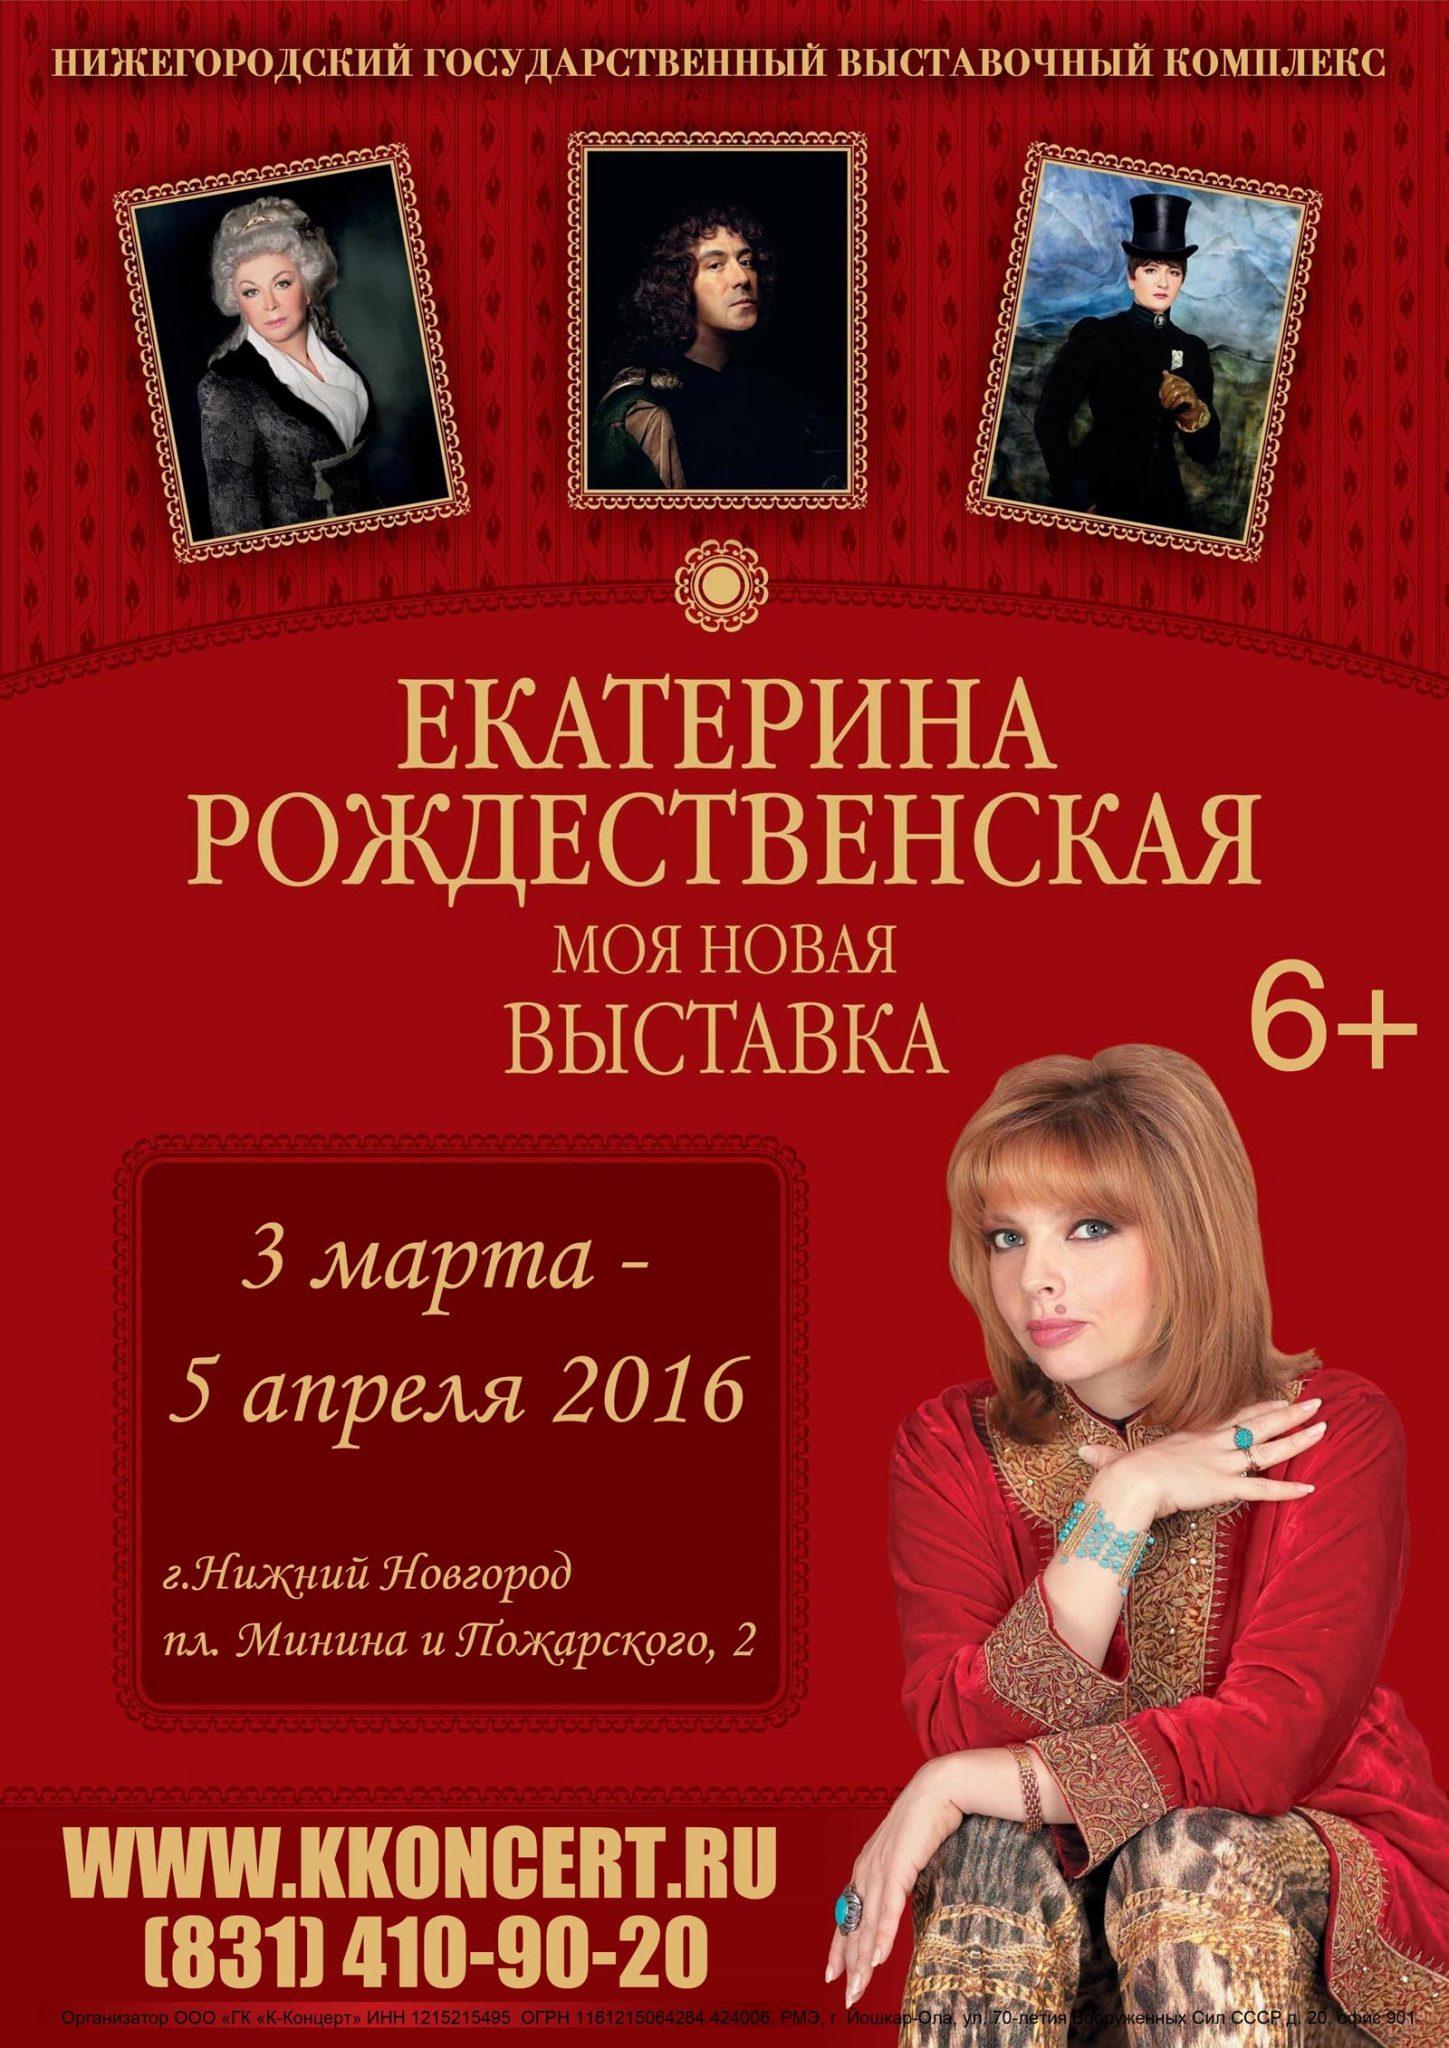 Моя новая выставка Екатерины Рождественской